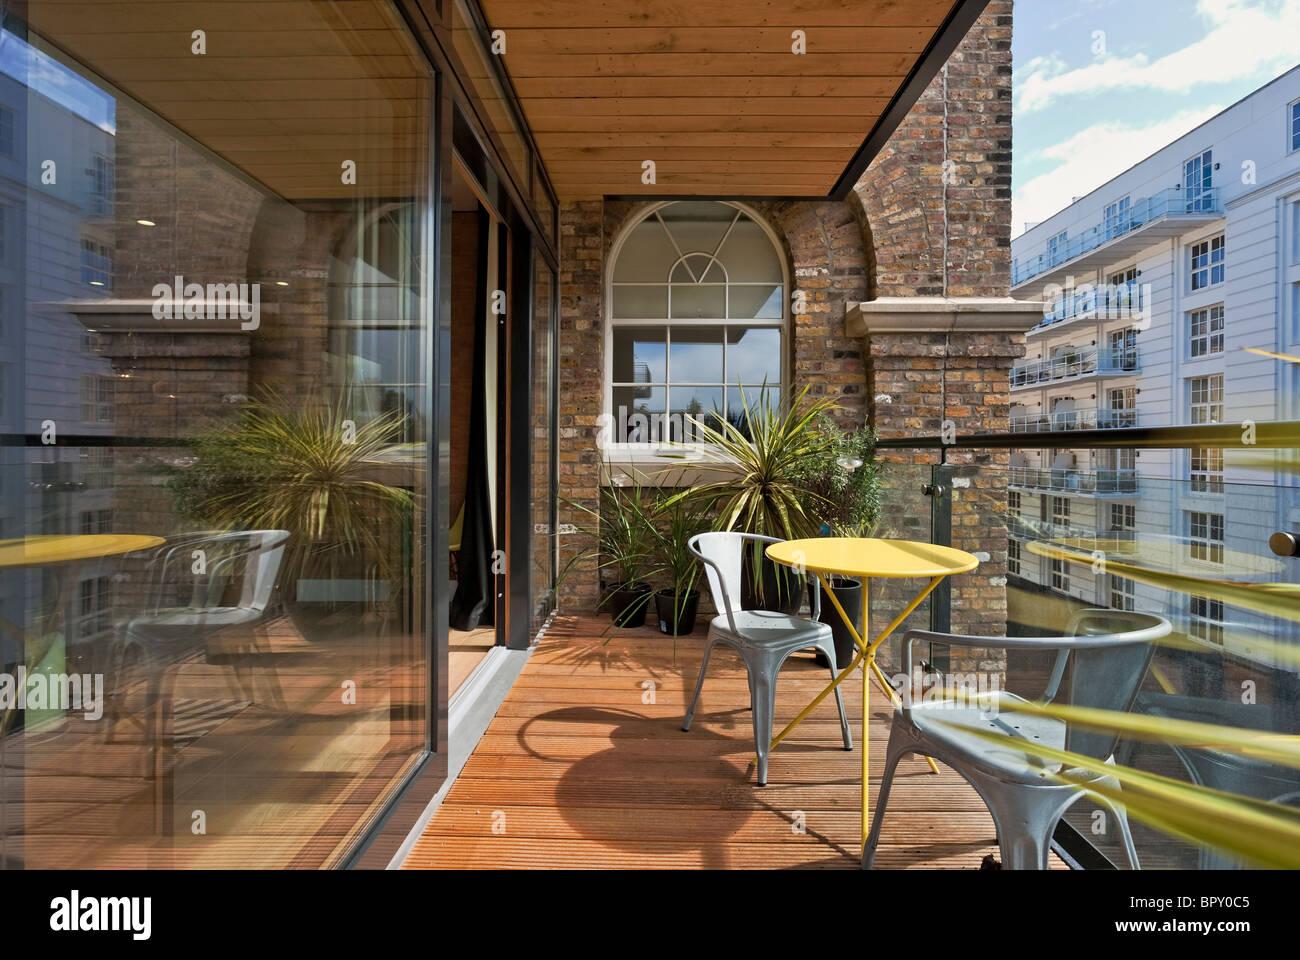 Die Henson Apartments - ein Luxus-Wohn-Entwicklung benannt nach Jim Henson am Kanal in Camden in London. Stockbild